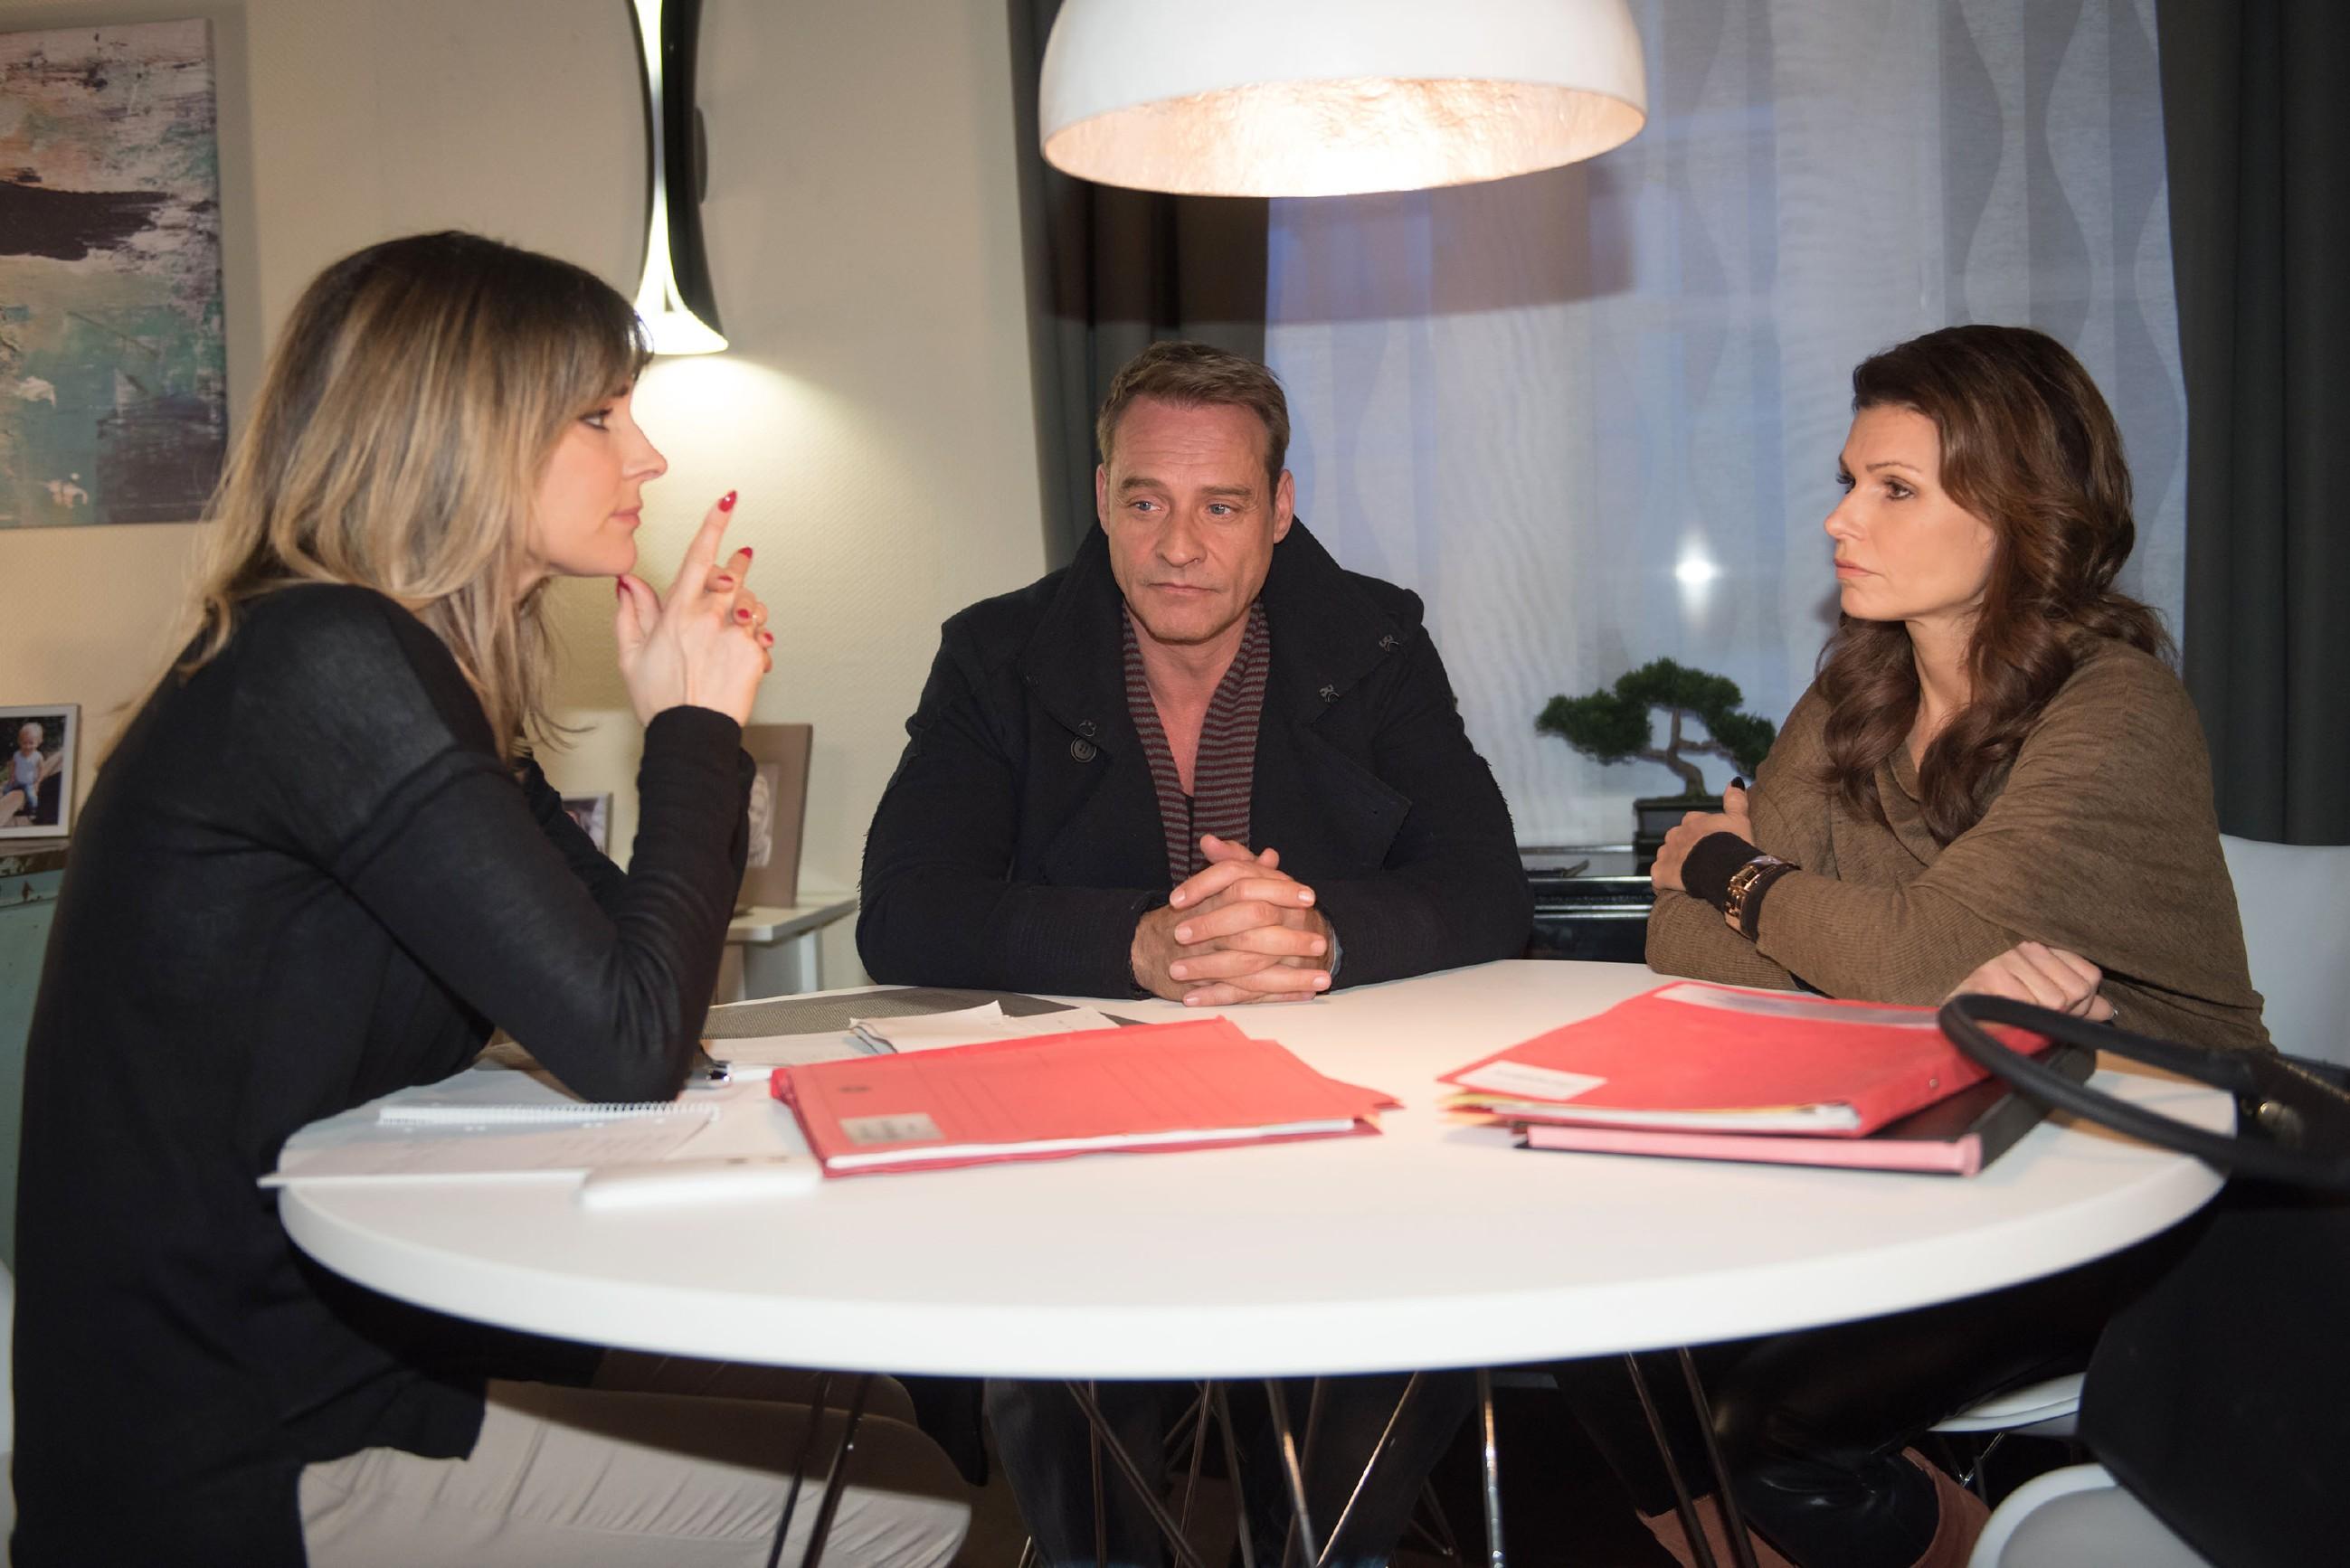 Britta (Tabea Heynig, r.) und Rufus (Kai Noll) erfahren von Eva (Claudelle Deckert) geschockt, dass Rufus eine längere Haftstrafe droht. (Quelle: RTL / Stefan Behrens)